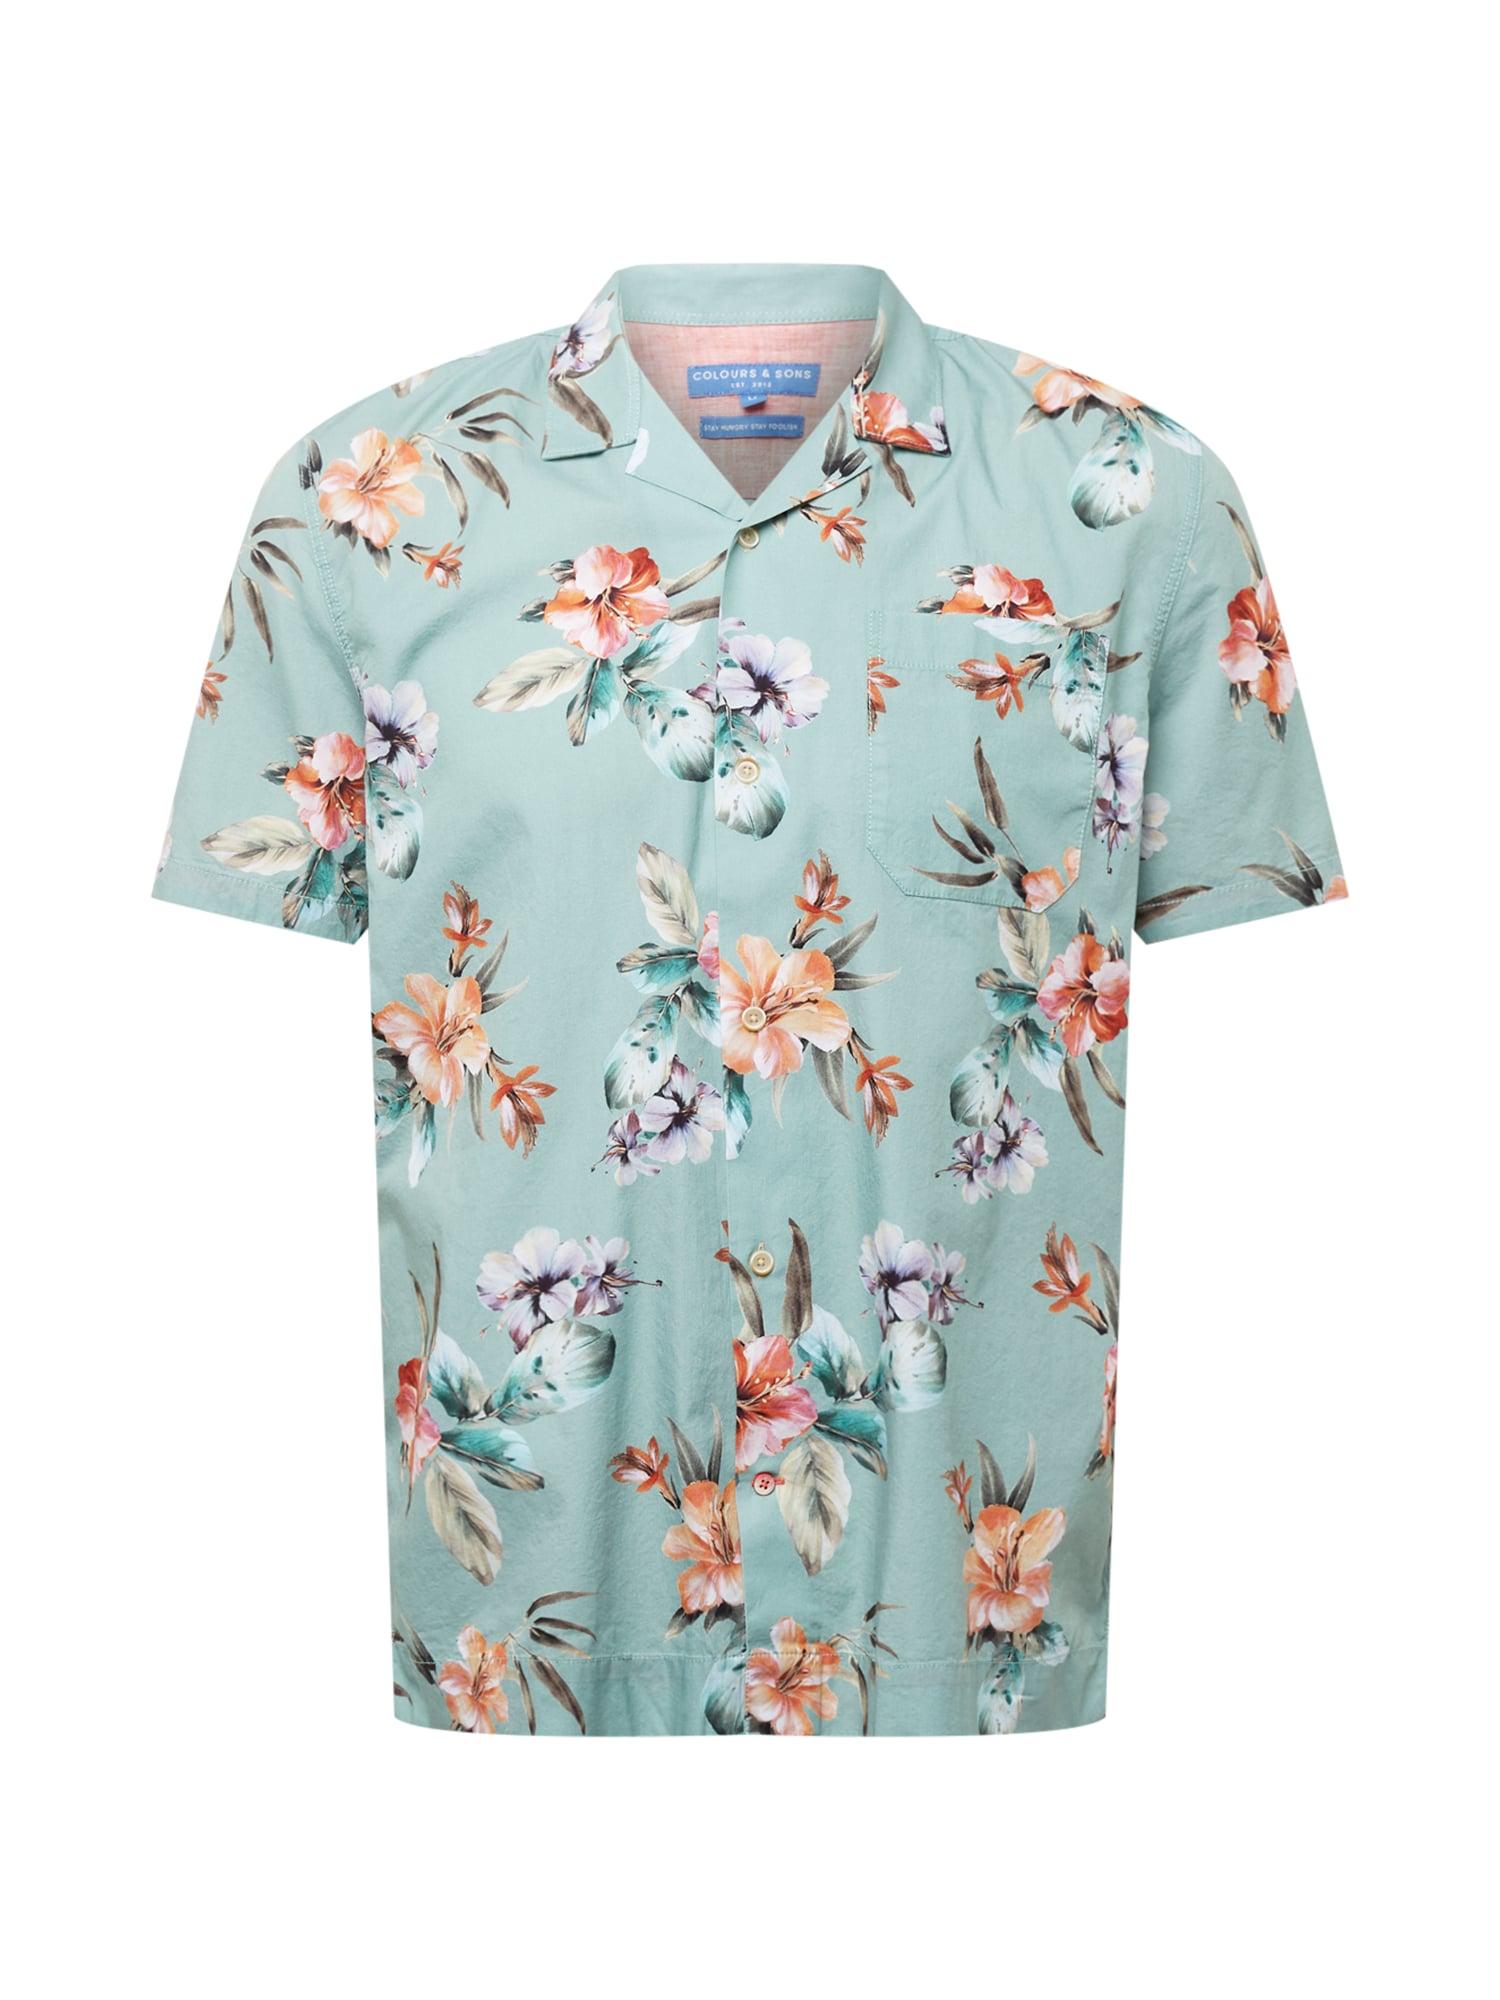 COLOURS & SONS Marškiniai mišrios spalvos / pastelinė mėlyna